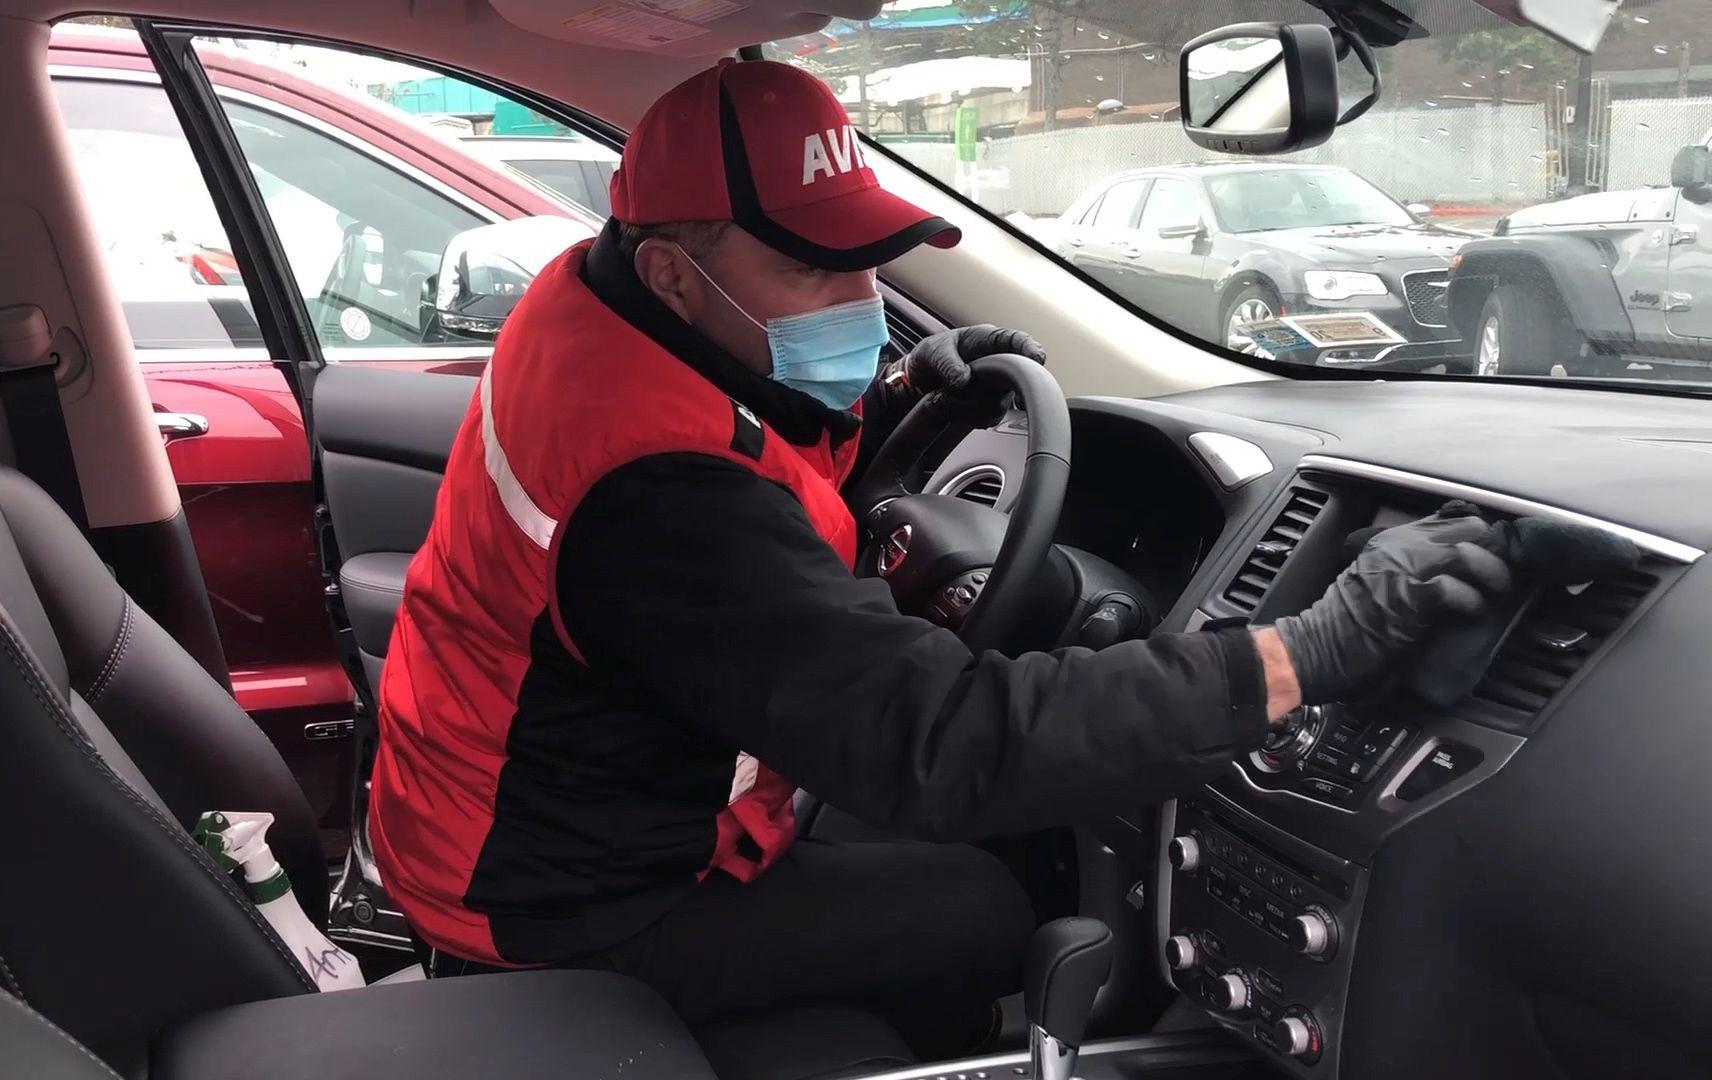 Avis Fahrzeugreiniger mit Maske und Handschuhen desinfiziert Mietwagen